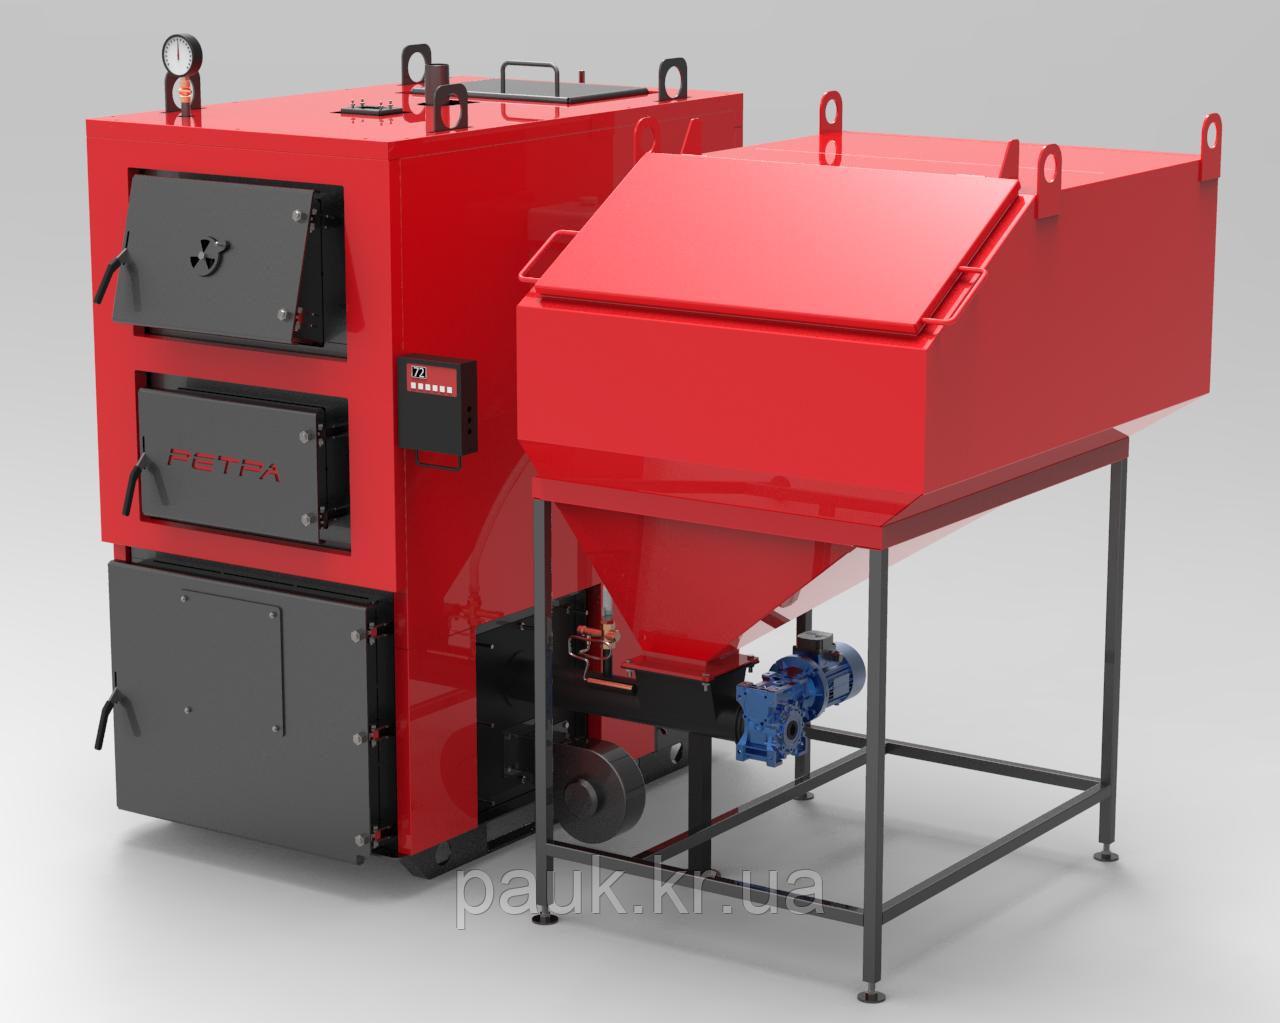 Котел на твердом топливе 80 кВт РЕТРА-4МCombi, ретортная горелка